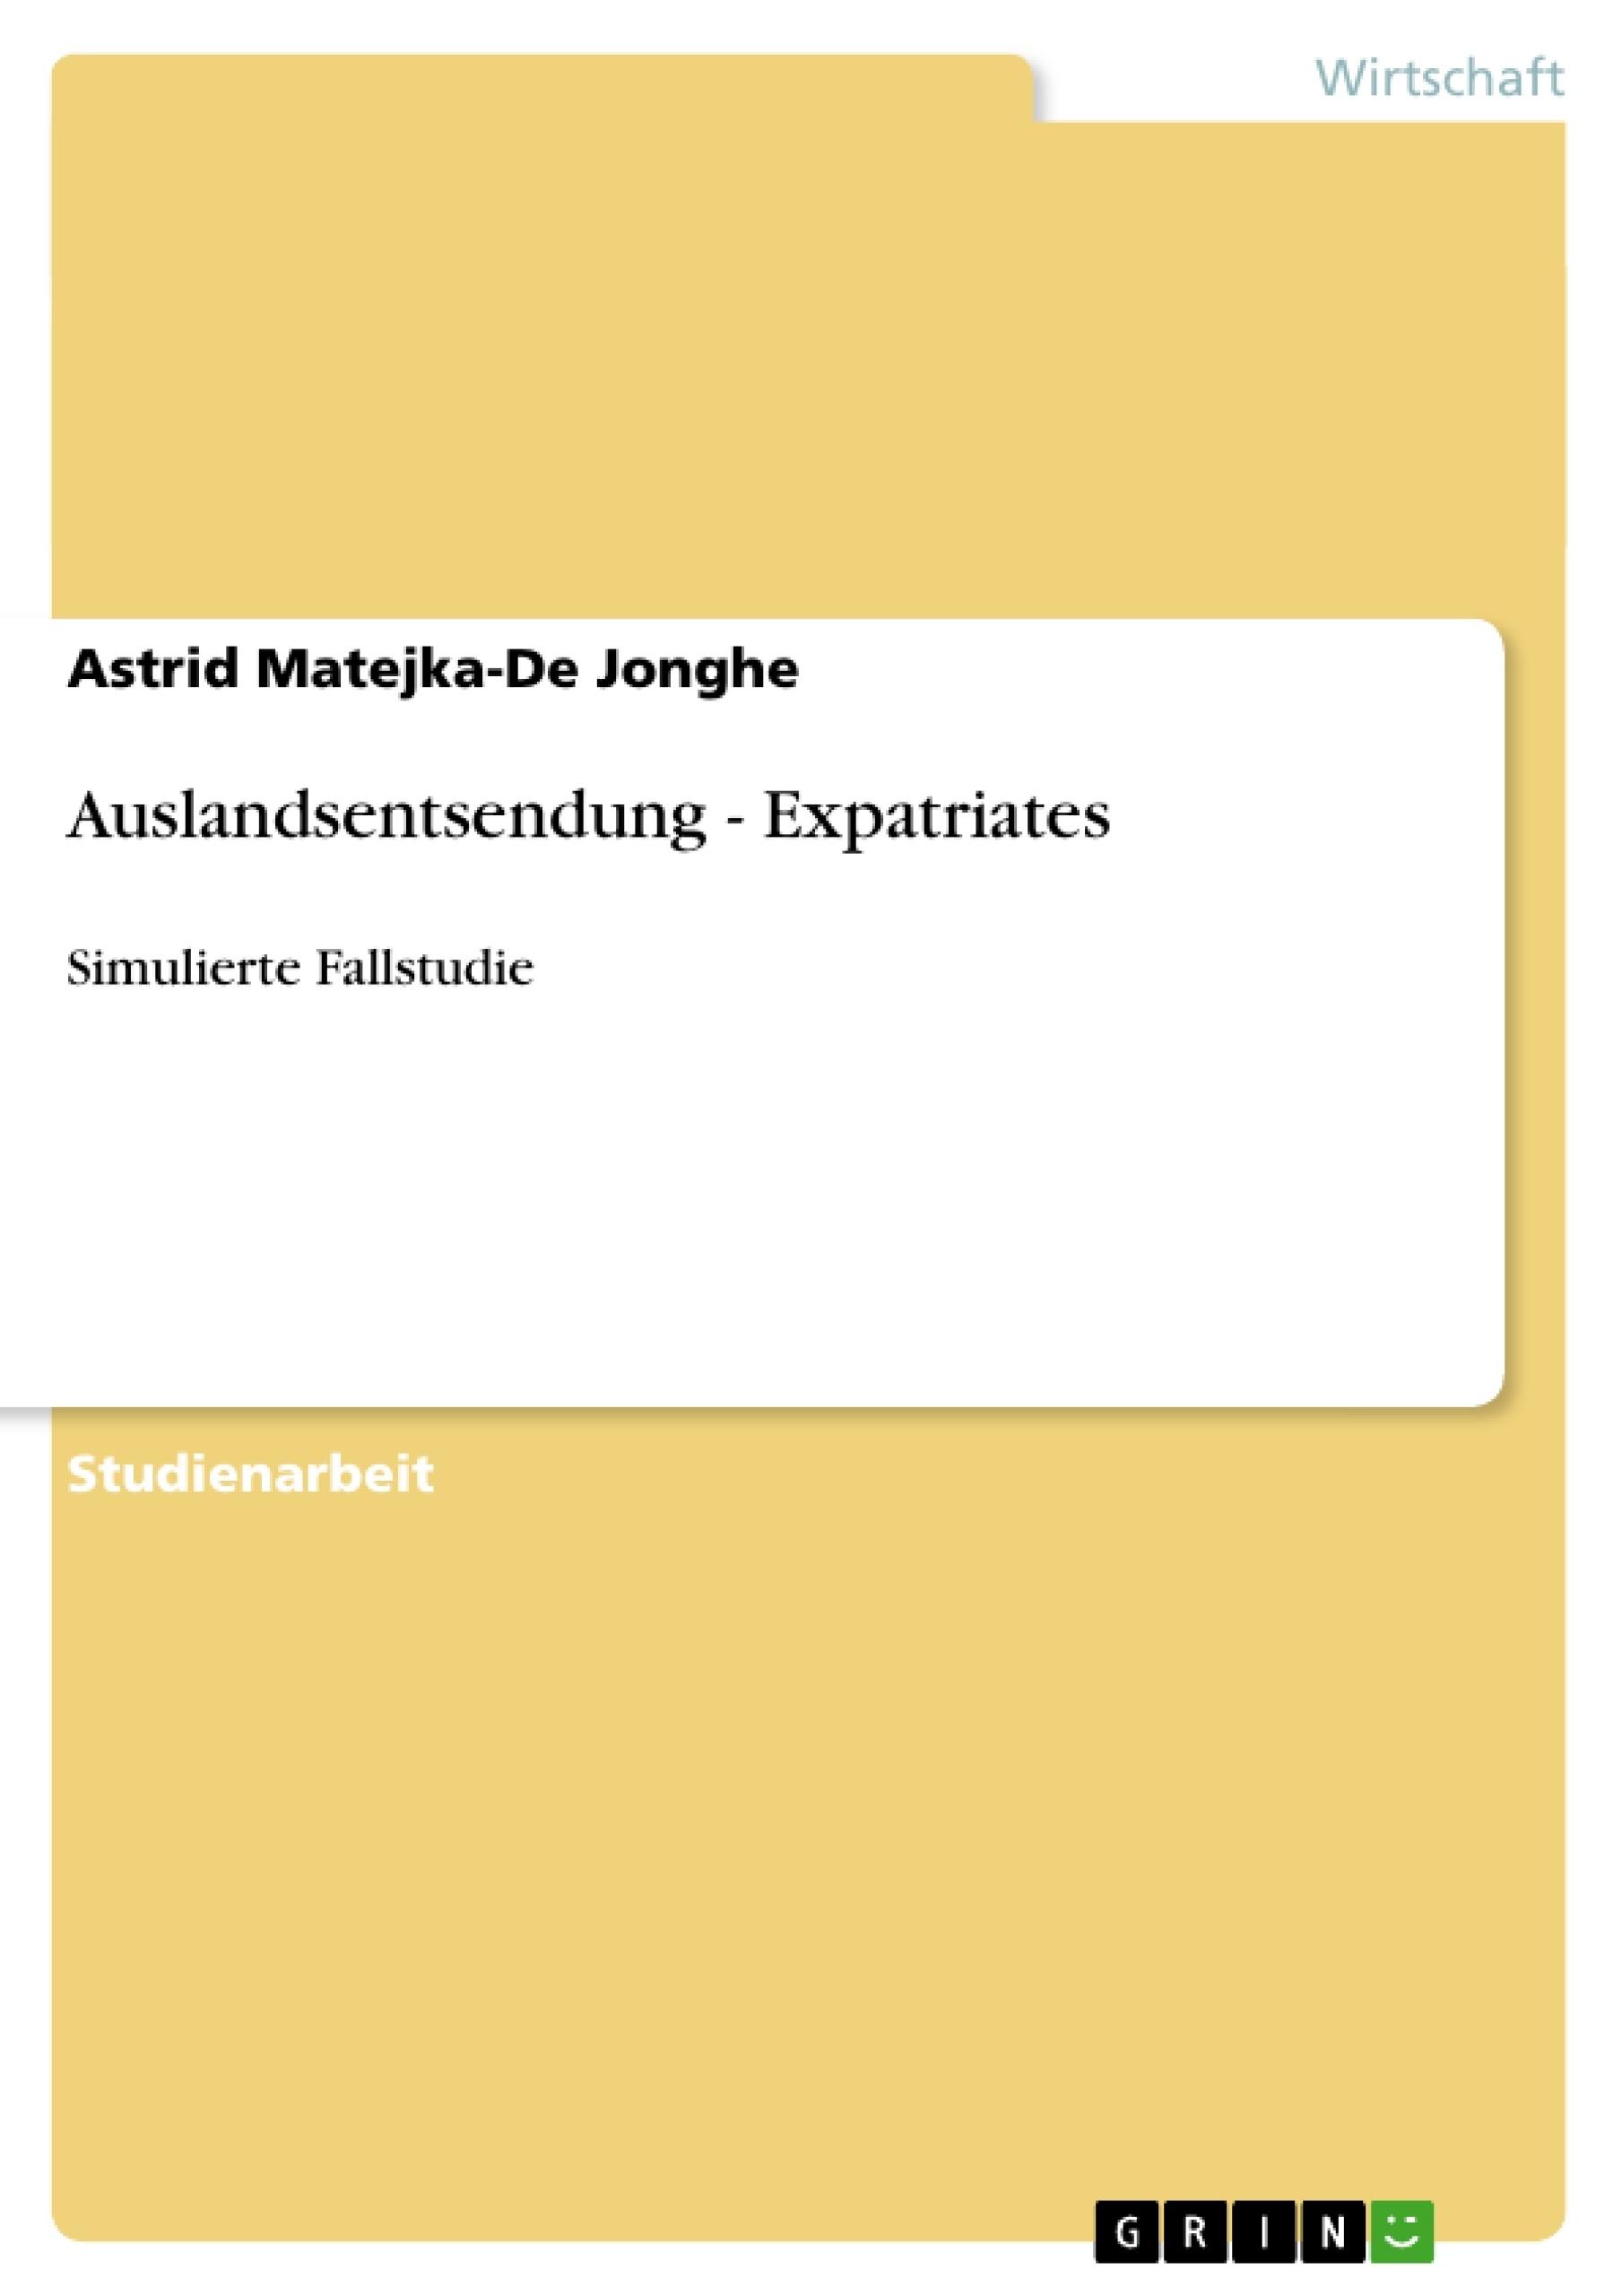 Titel: Auslandsentsendung - Expatriates